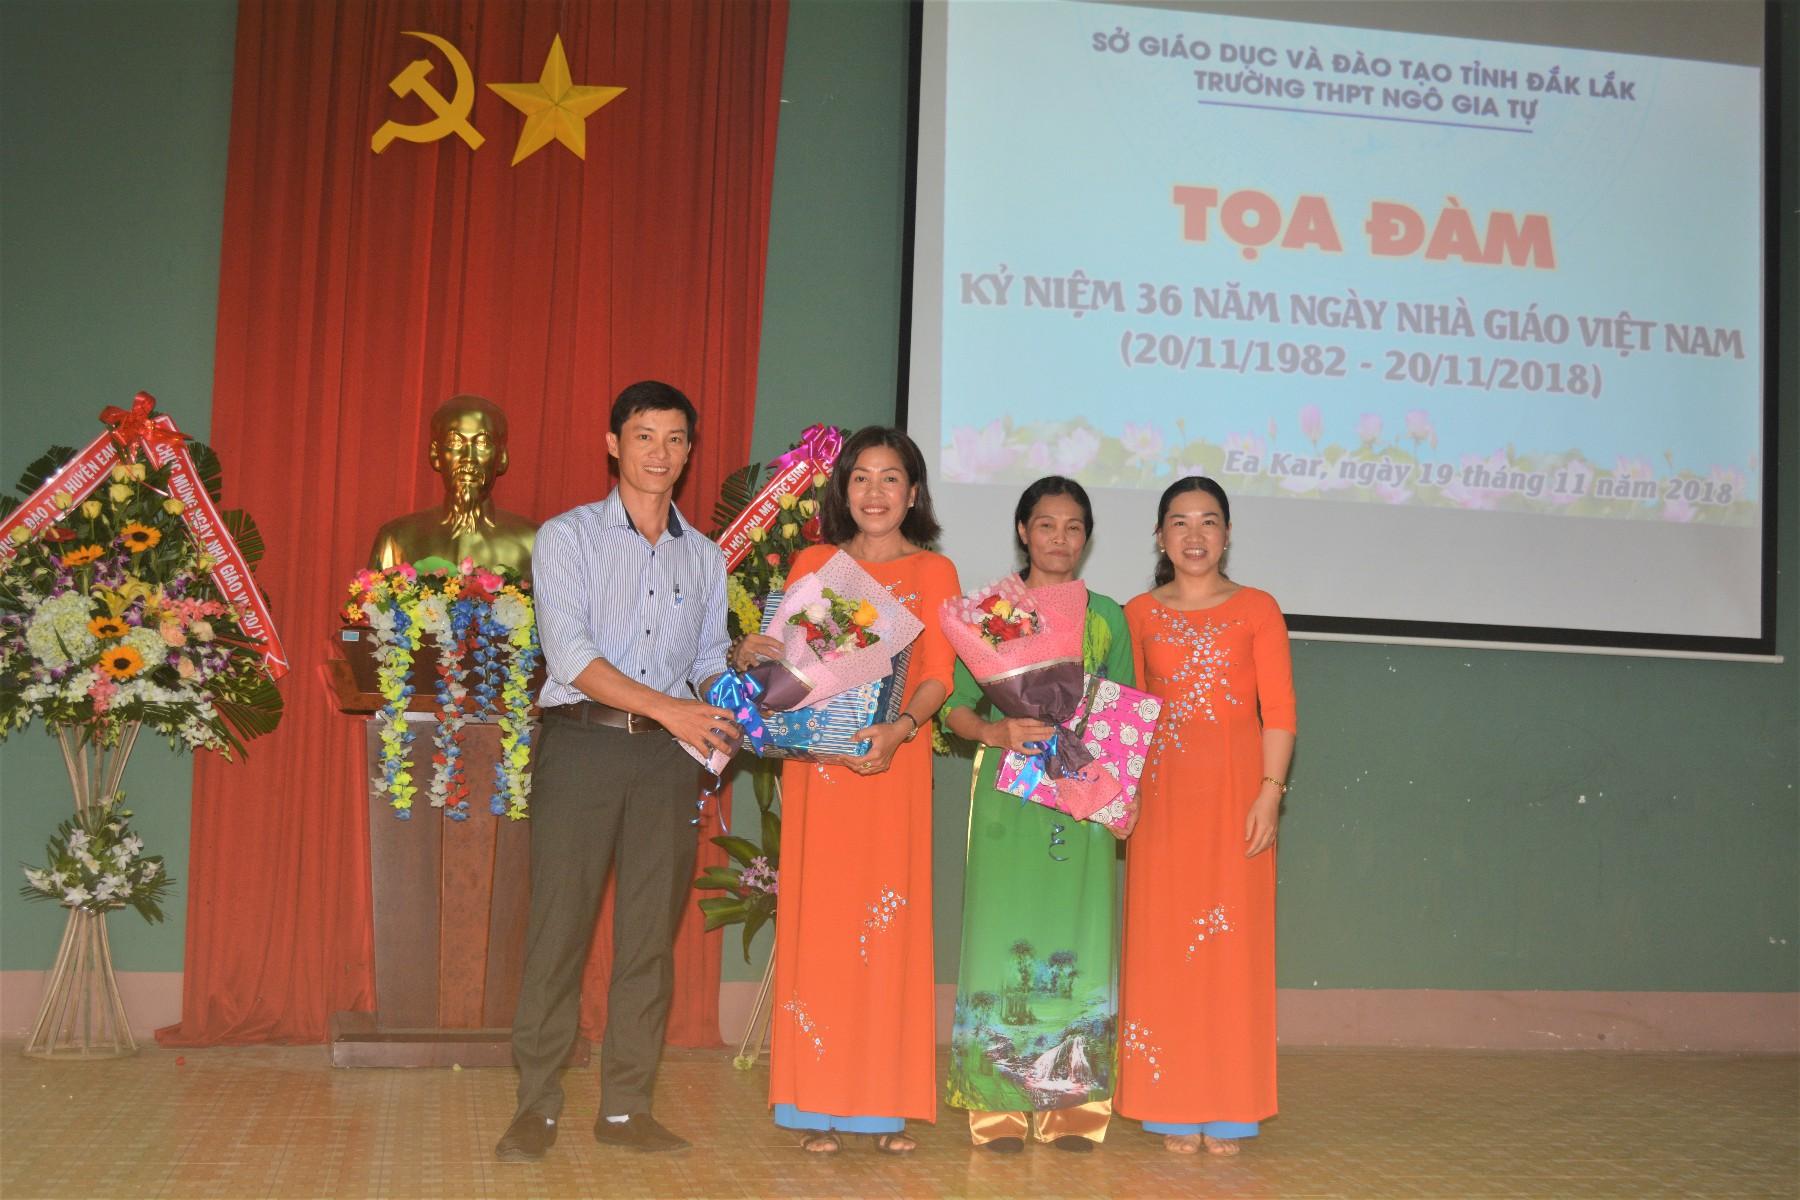 Đoàn thanh niên tặng hoa tri ân thầy cô giáo đã nghỉ hưu